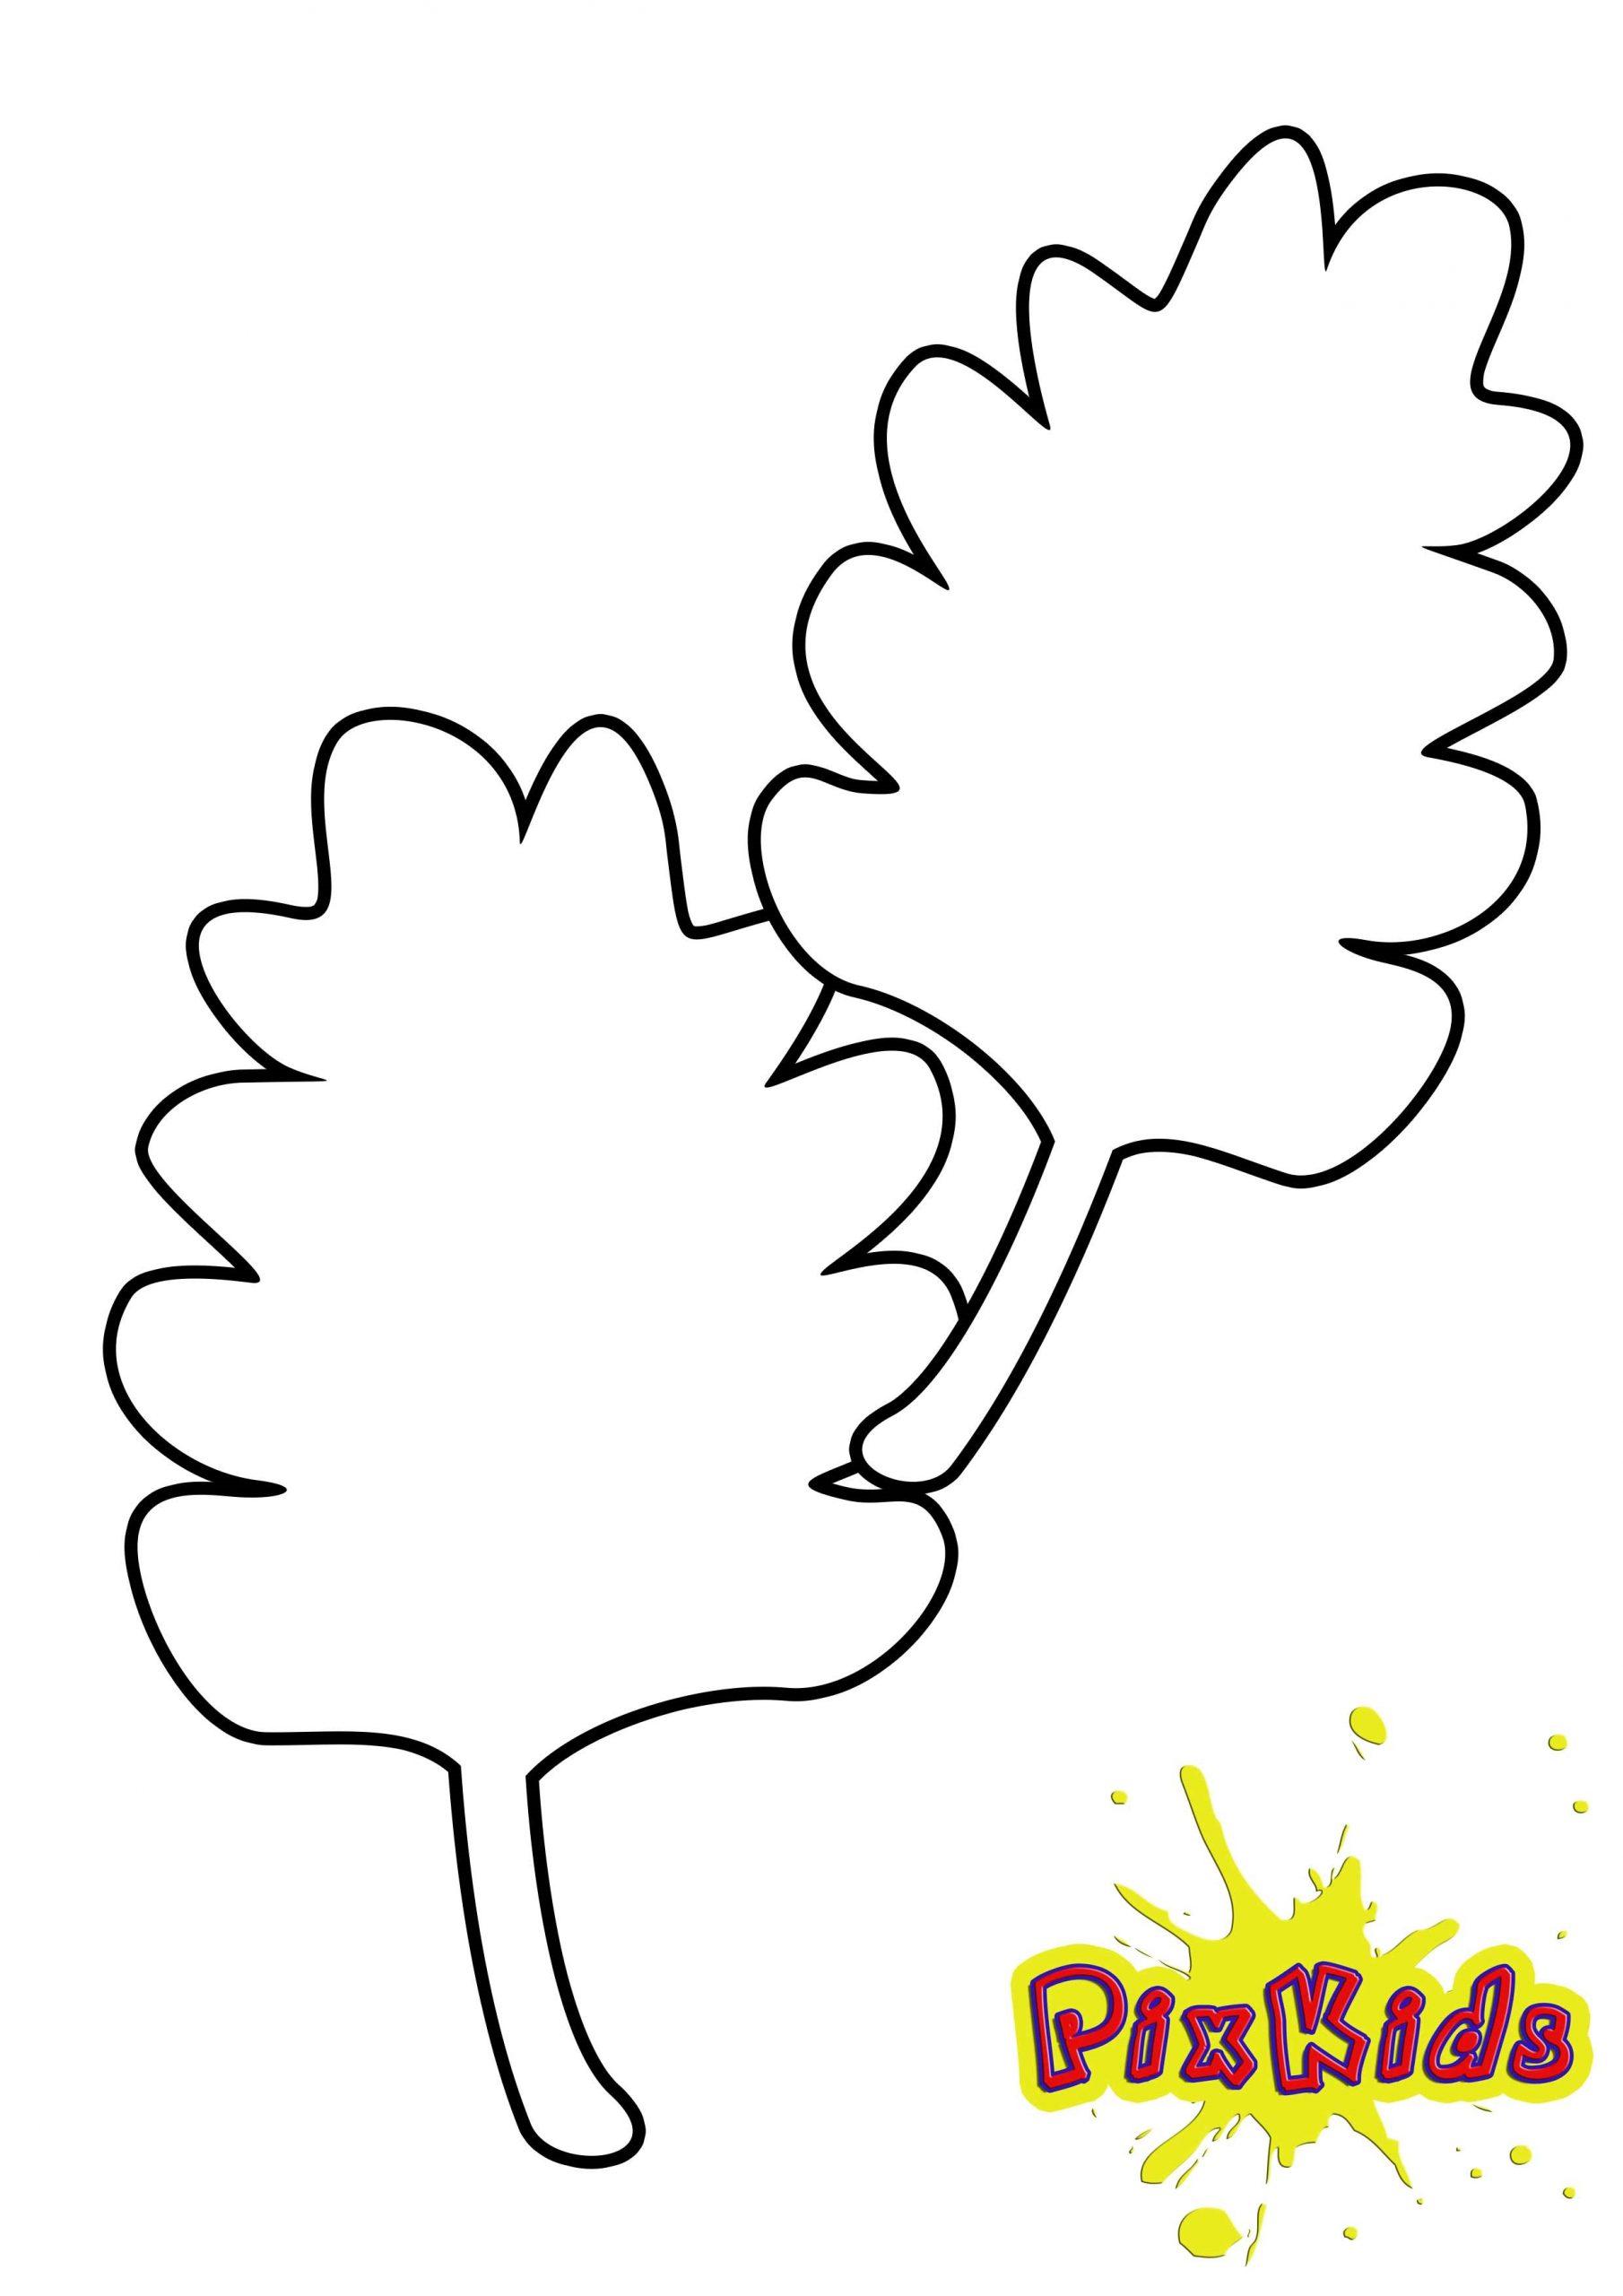 Blätter - Ausmalvorlagen Herbst in Malvorlagen Herbst Blätter Ausdrucken